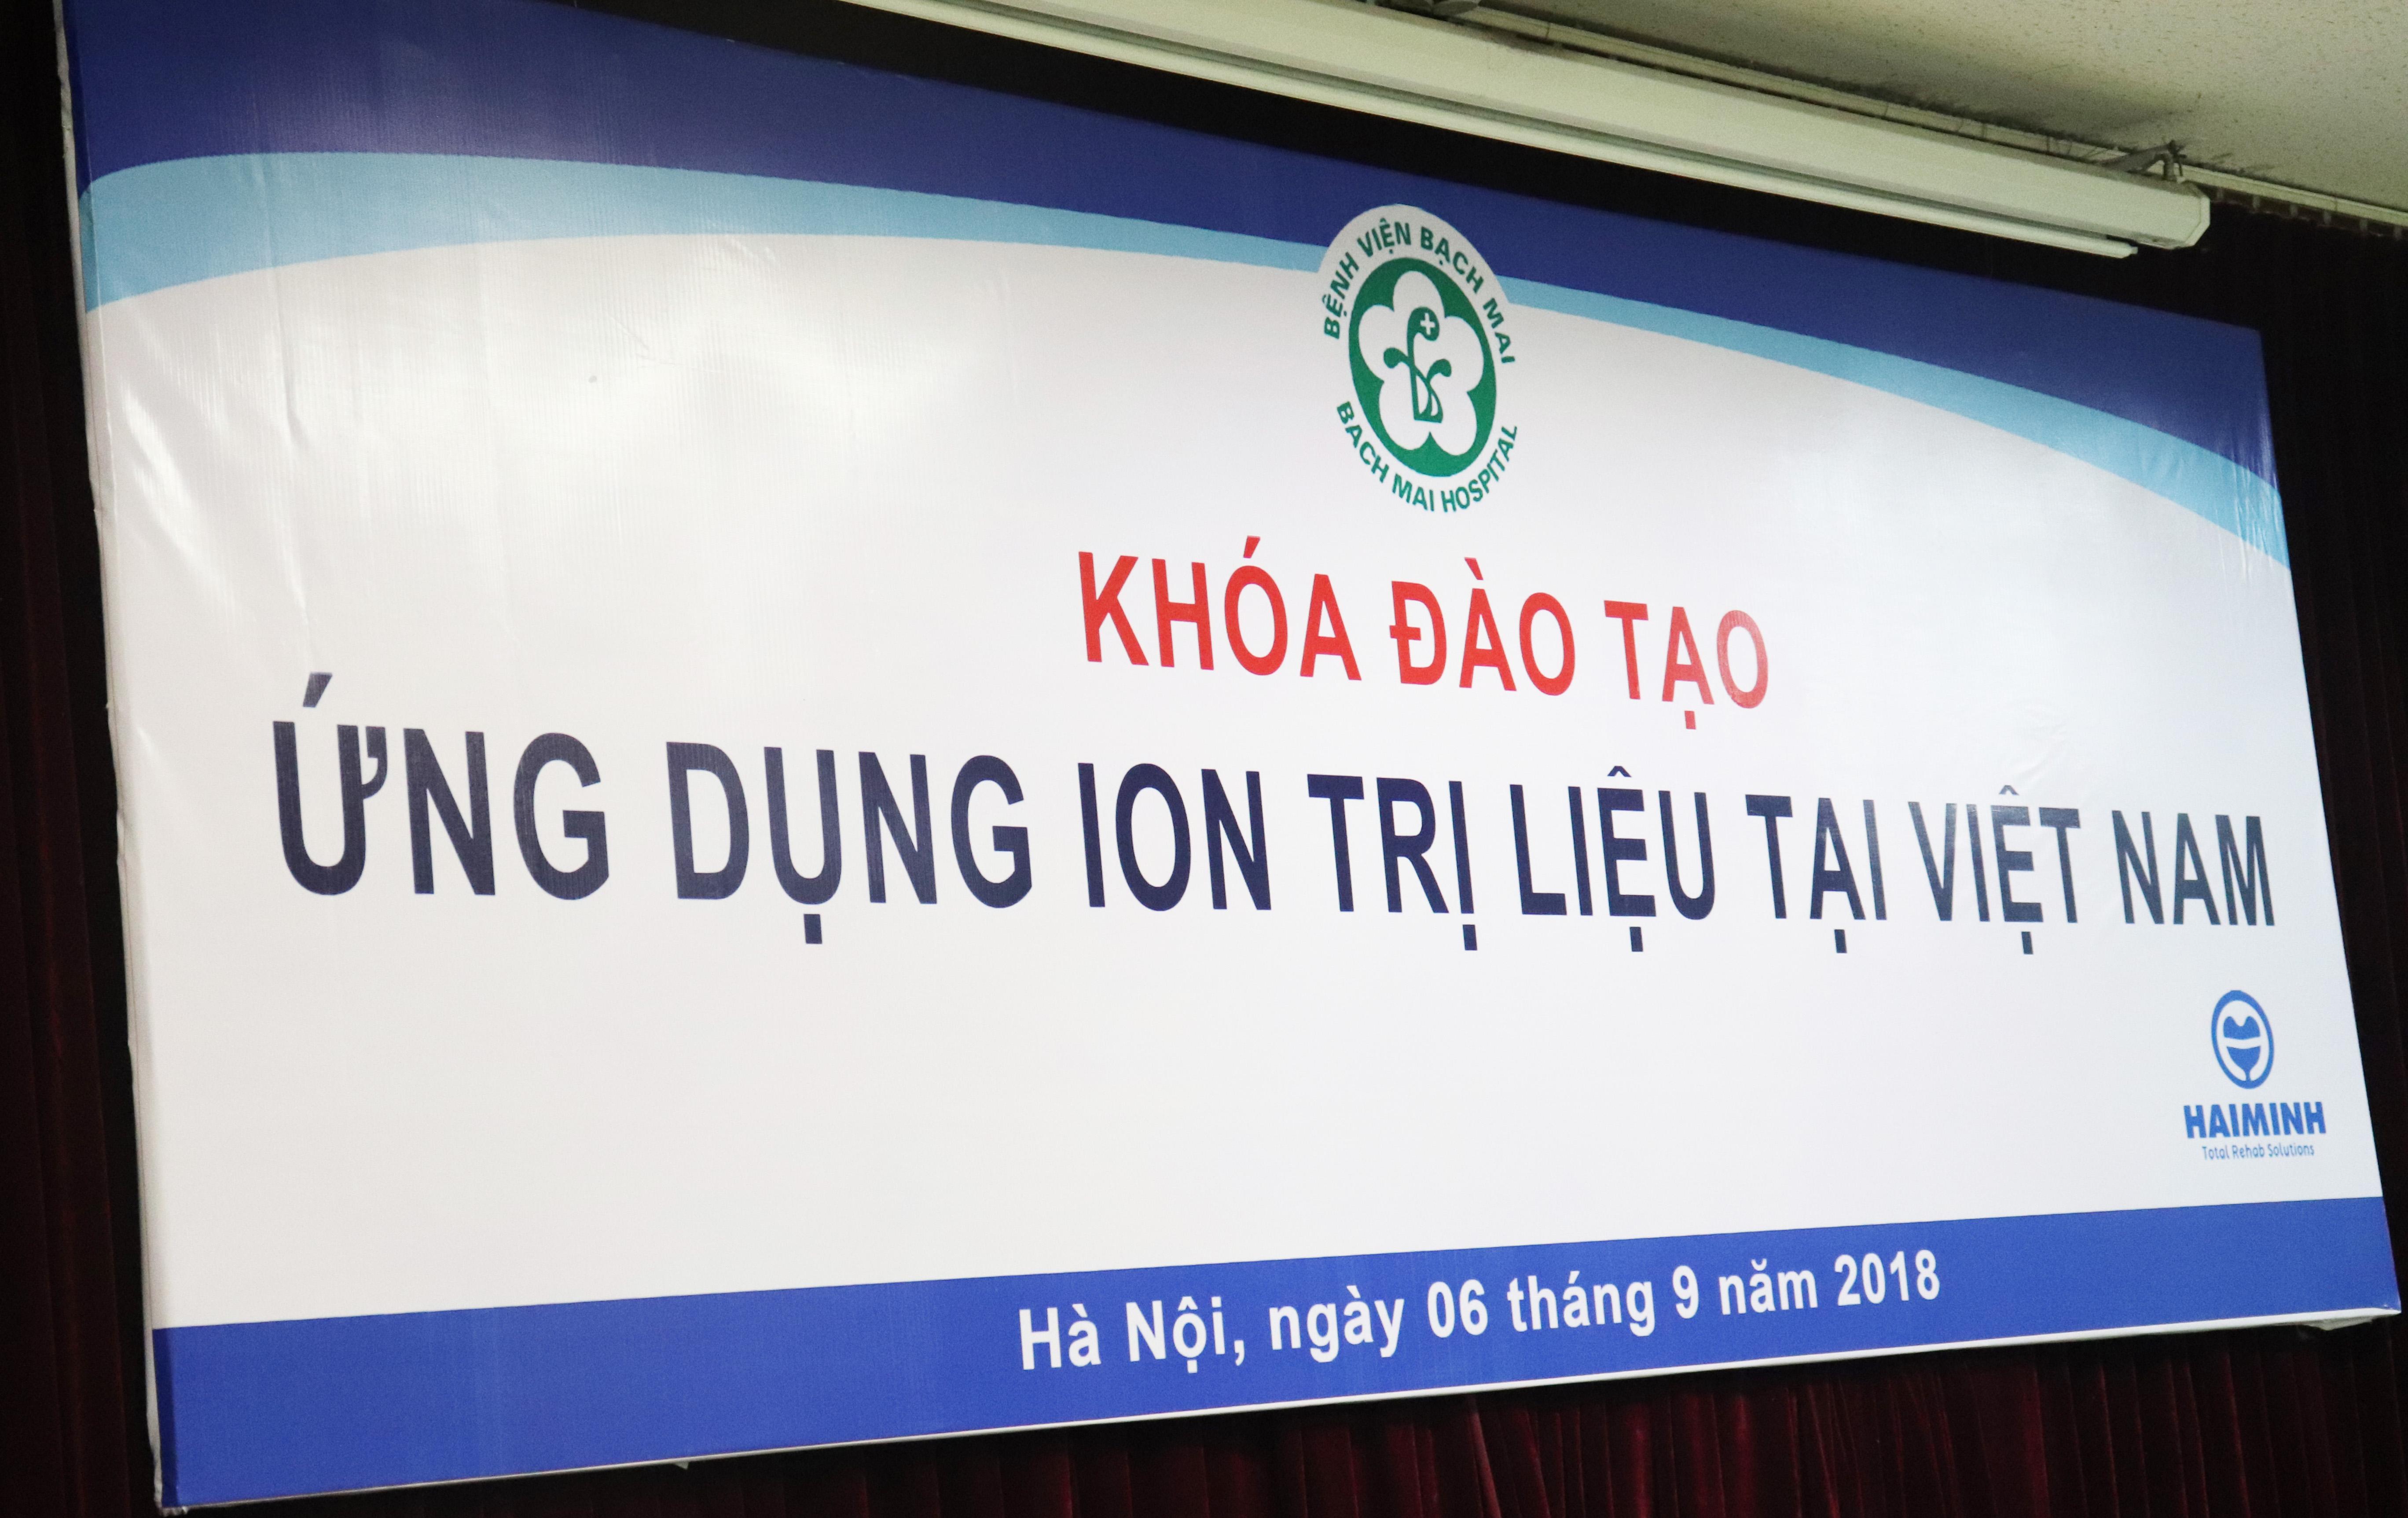 Ứng dụng ion trị liệu tại Việt Nam - 06/09 - 07/09/ 2018